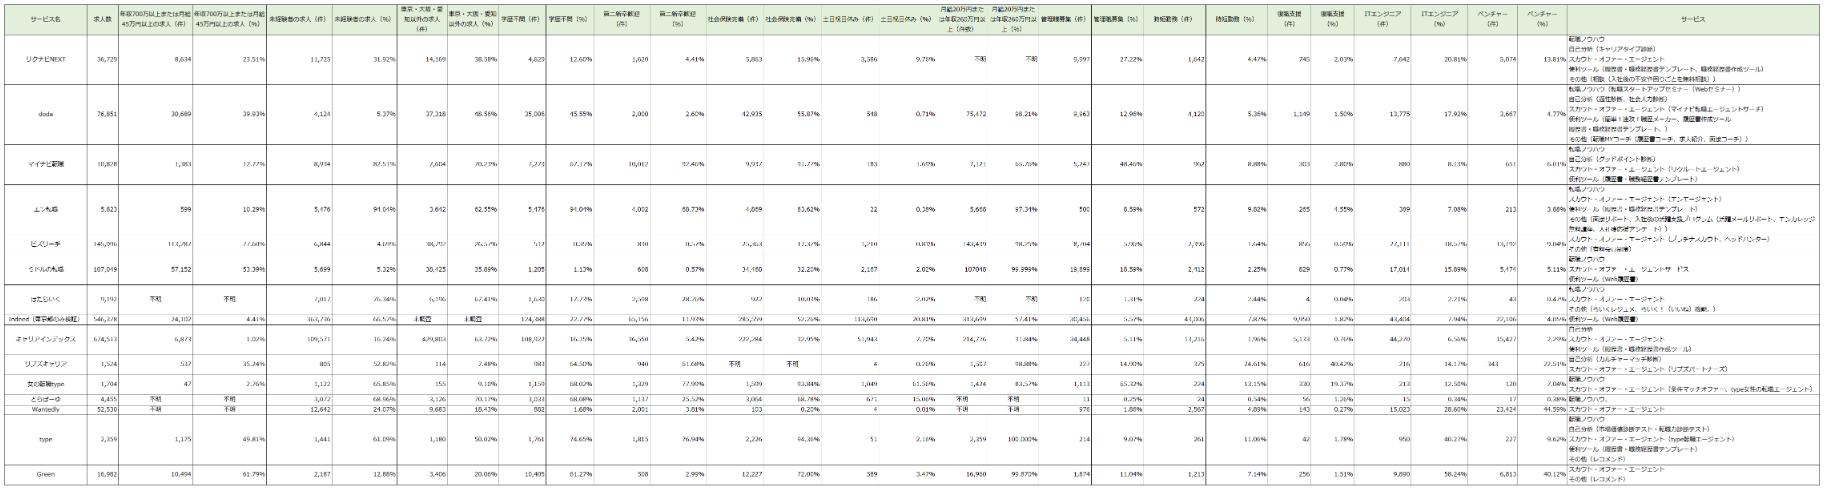 転職サイトの調査結果のイメージ